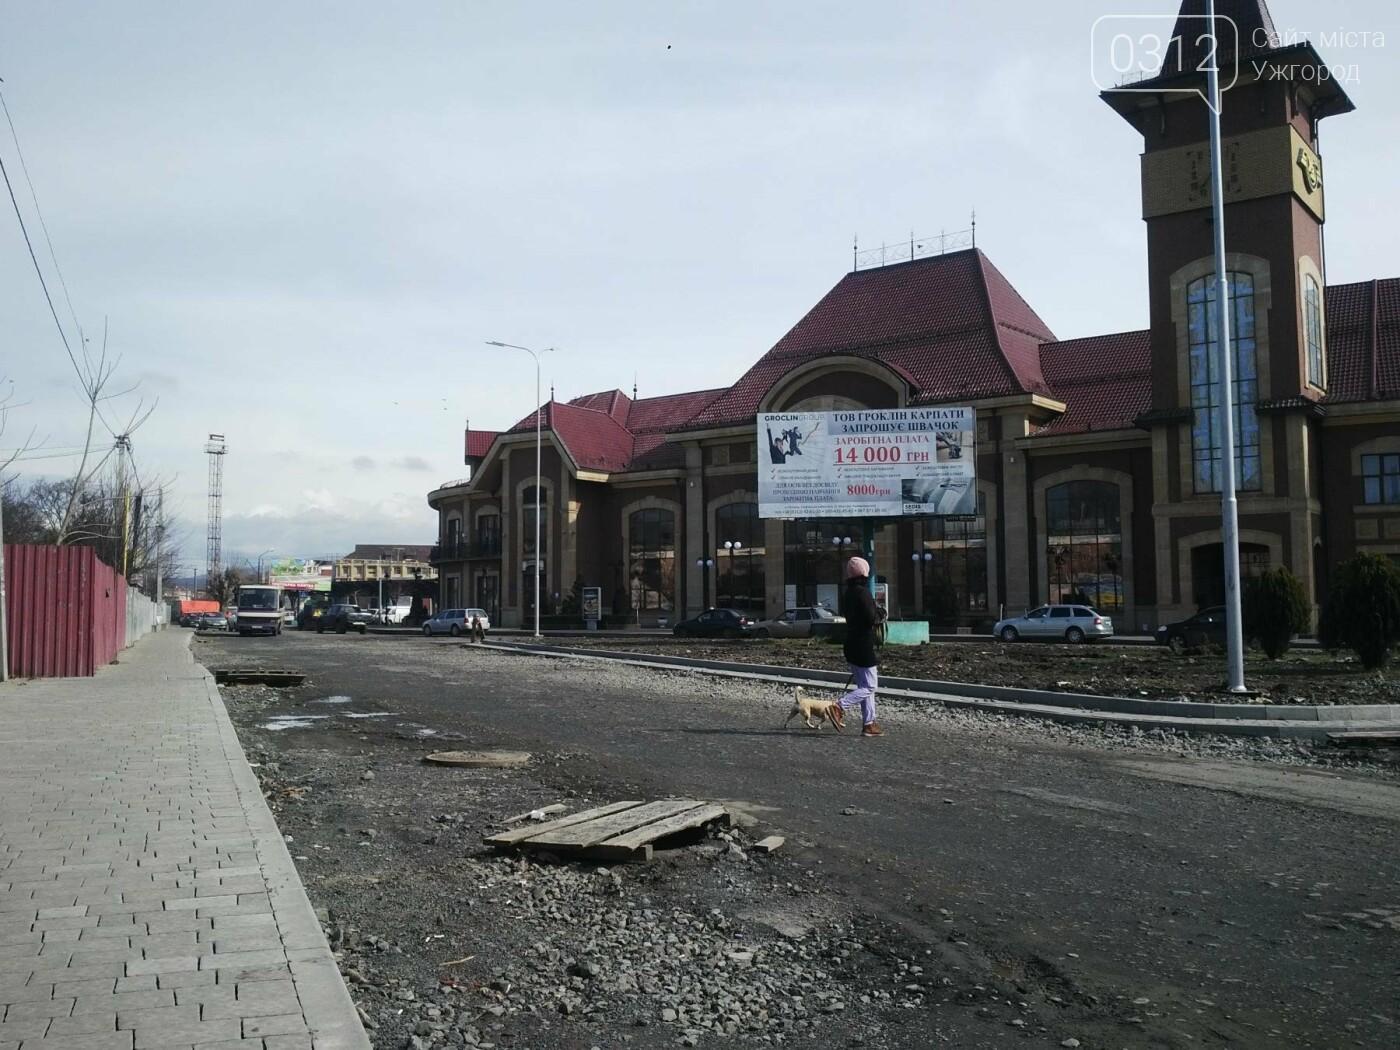 Ужгородська мерія - про реконструкцію площі Кірпи: роботи відновляться при середньодобових +12 (ФОТОРЕПОРТАЖ), фото-1